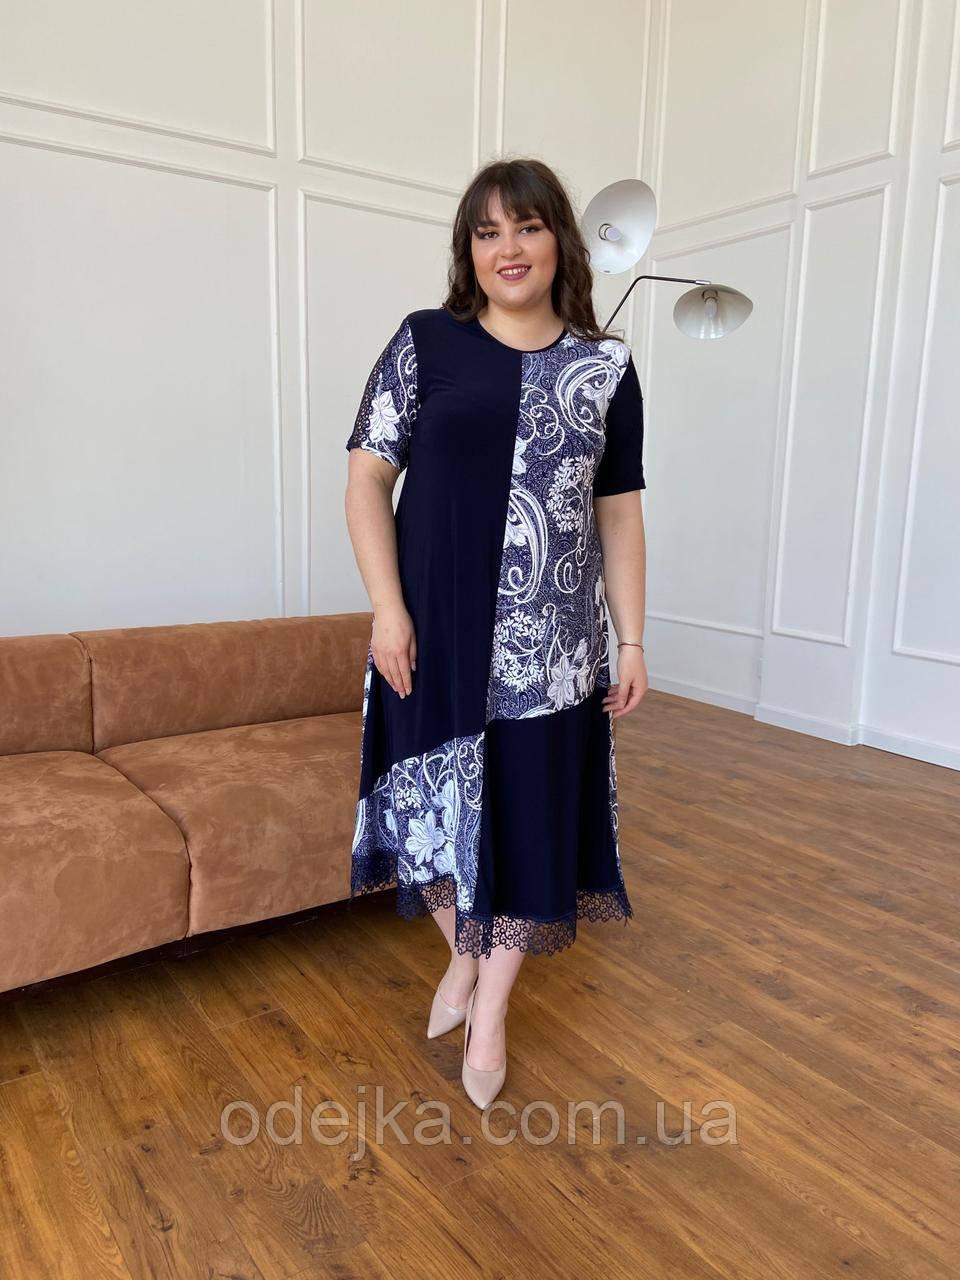 Платье Пьеро Лето вьюга